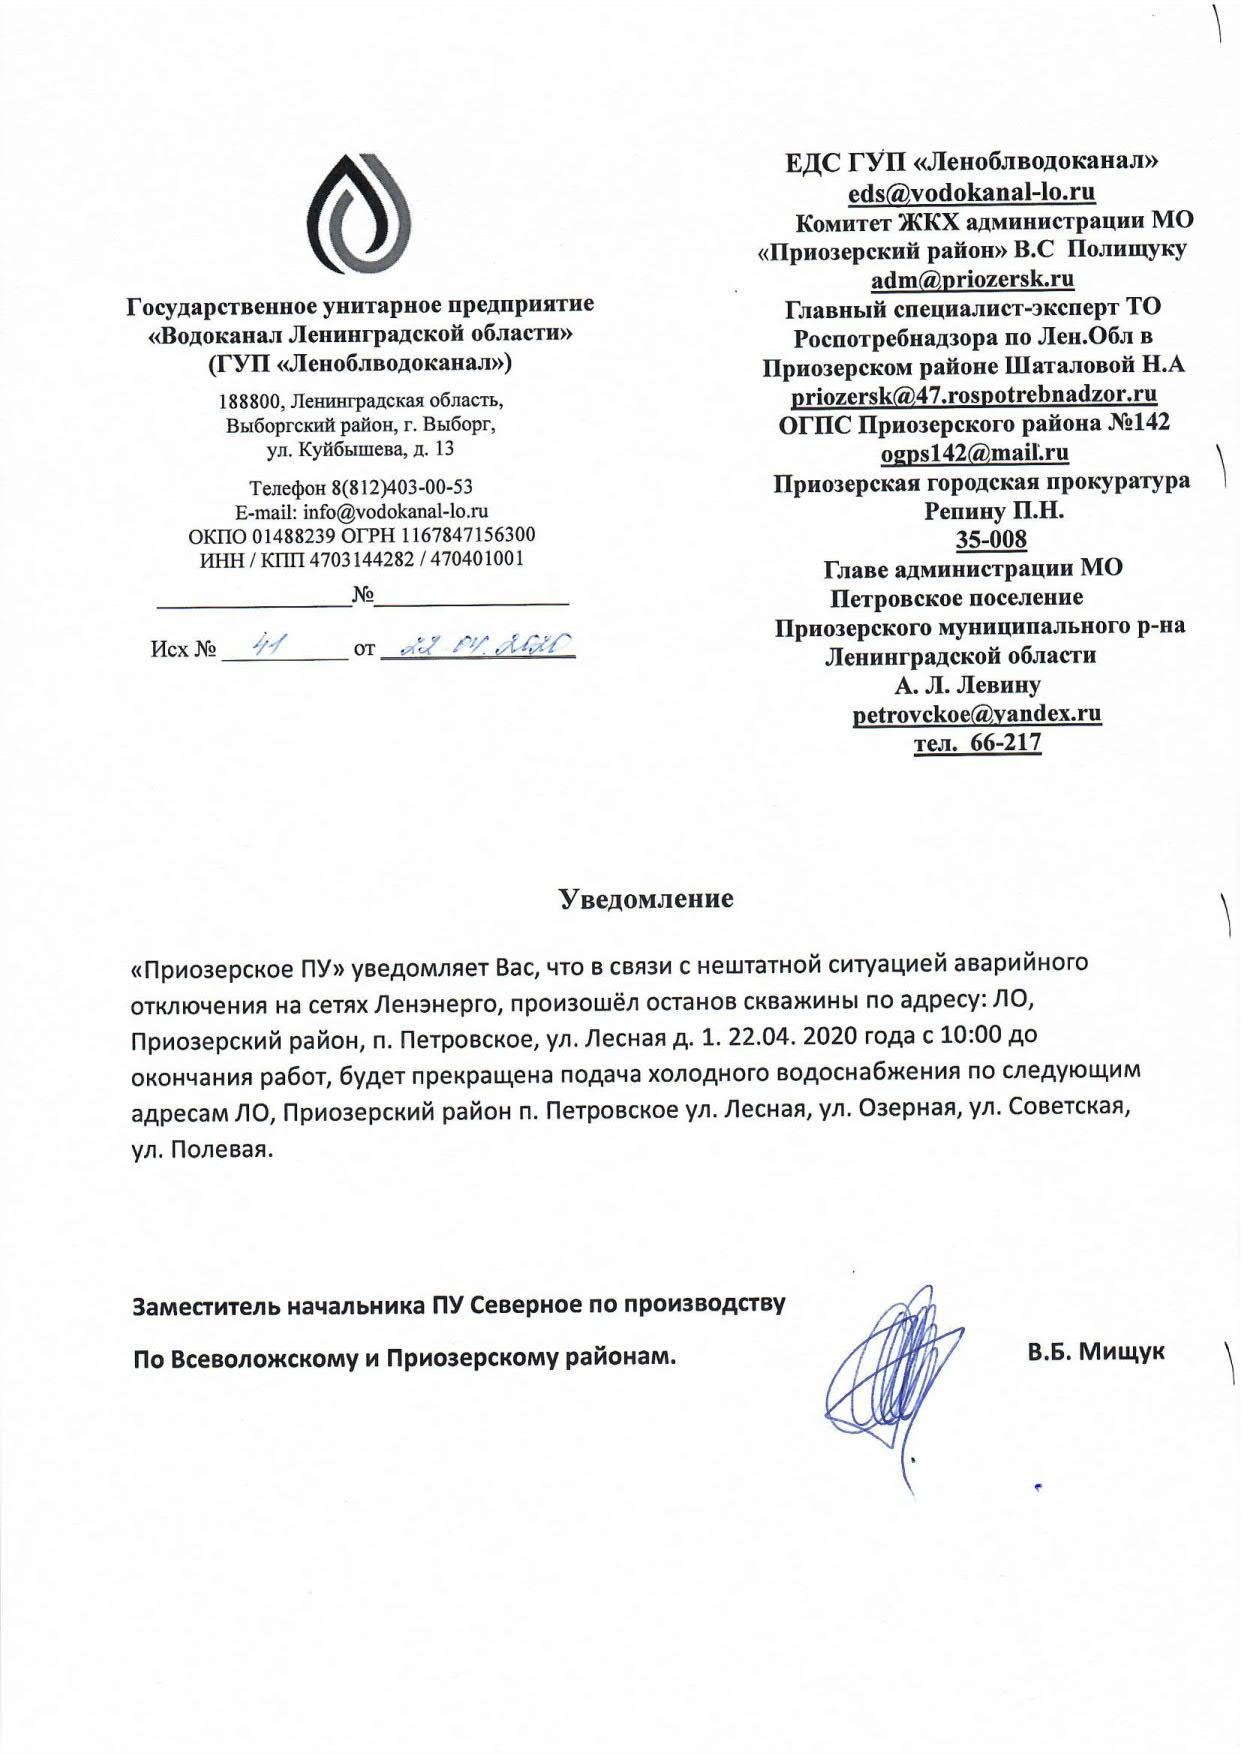 Scan увед Петровское 22.04_1